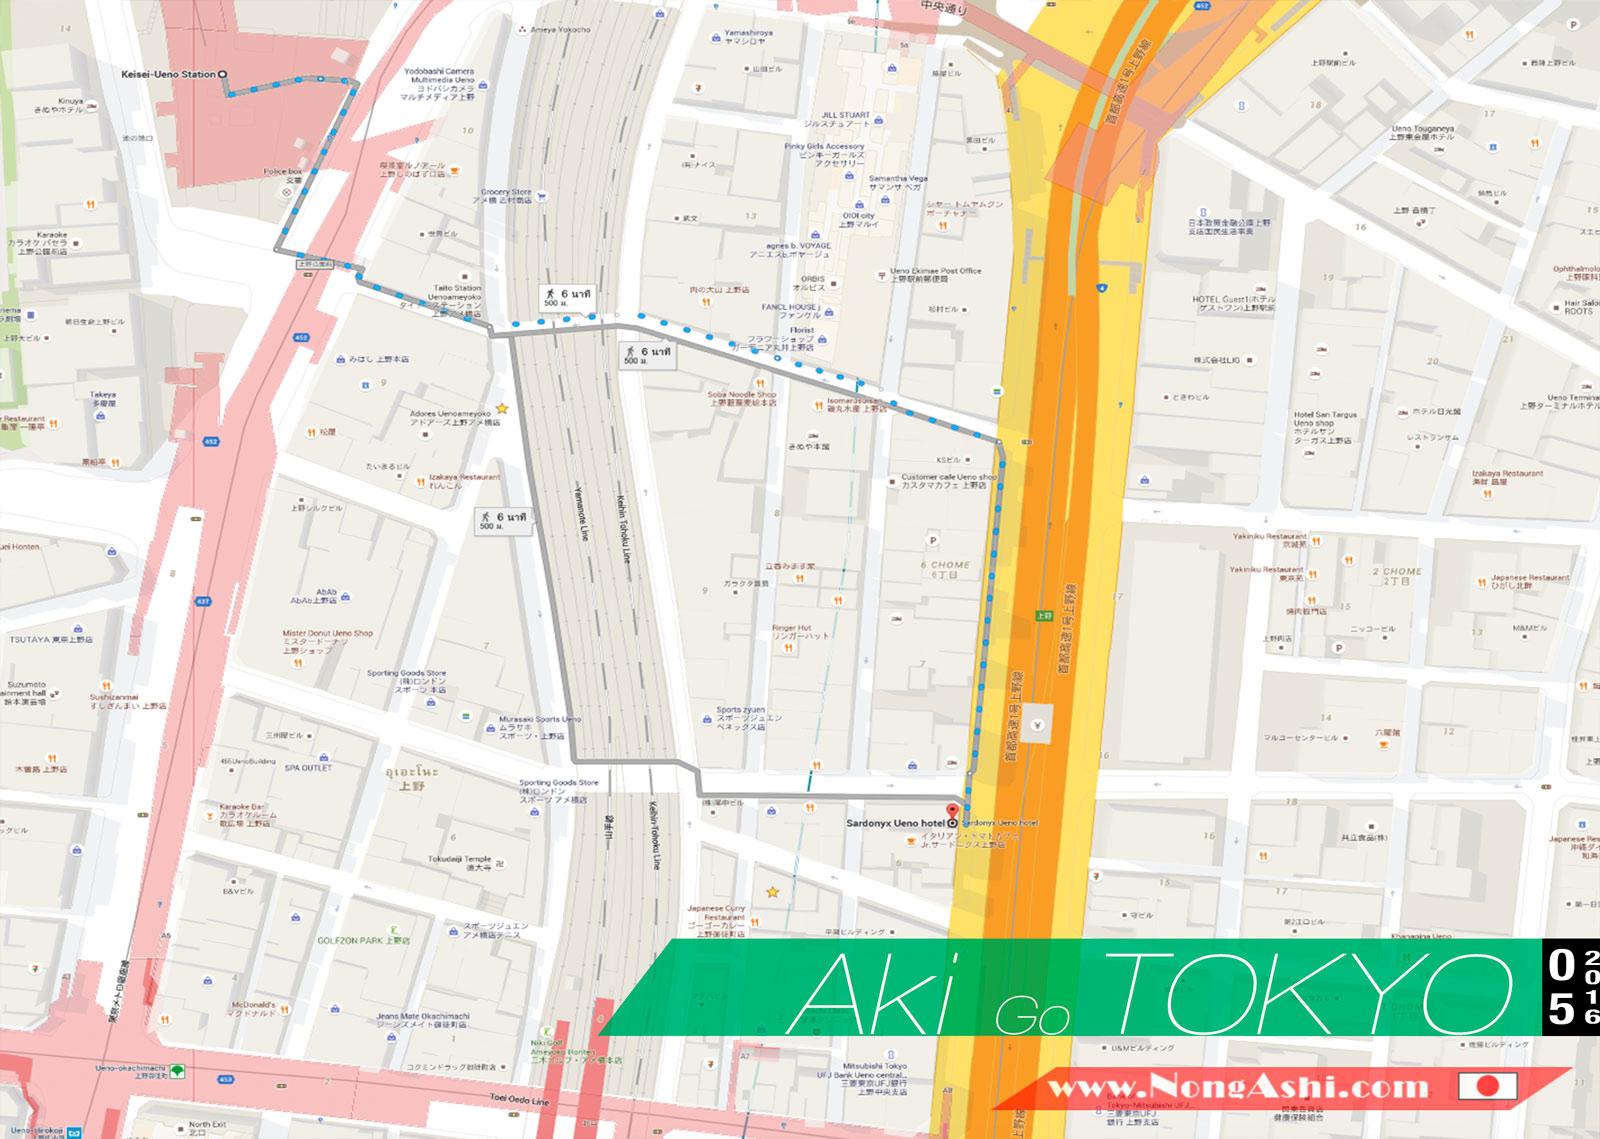 วิธีเดินทางจาก Keisei Ueno ไปโรงแรม Sardonyx Ueno